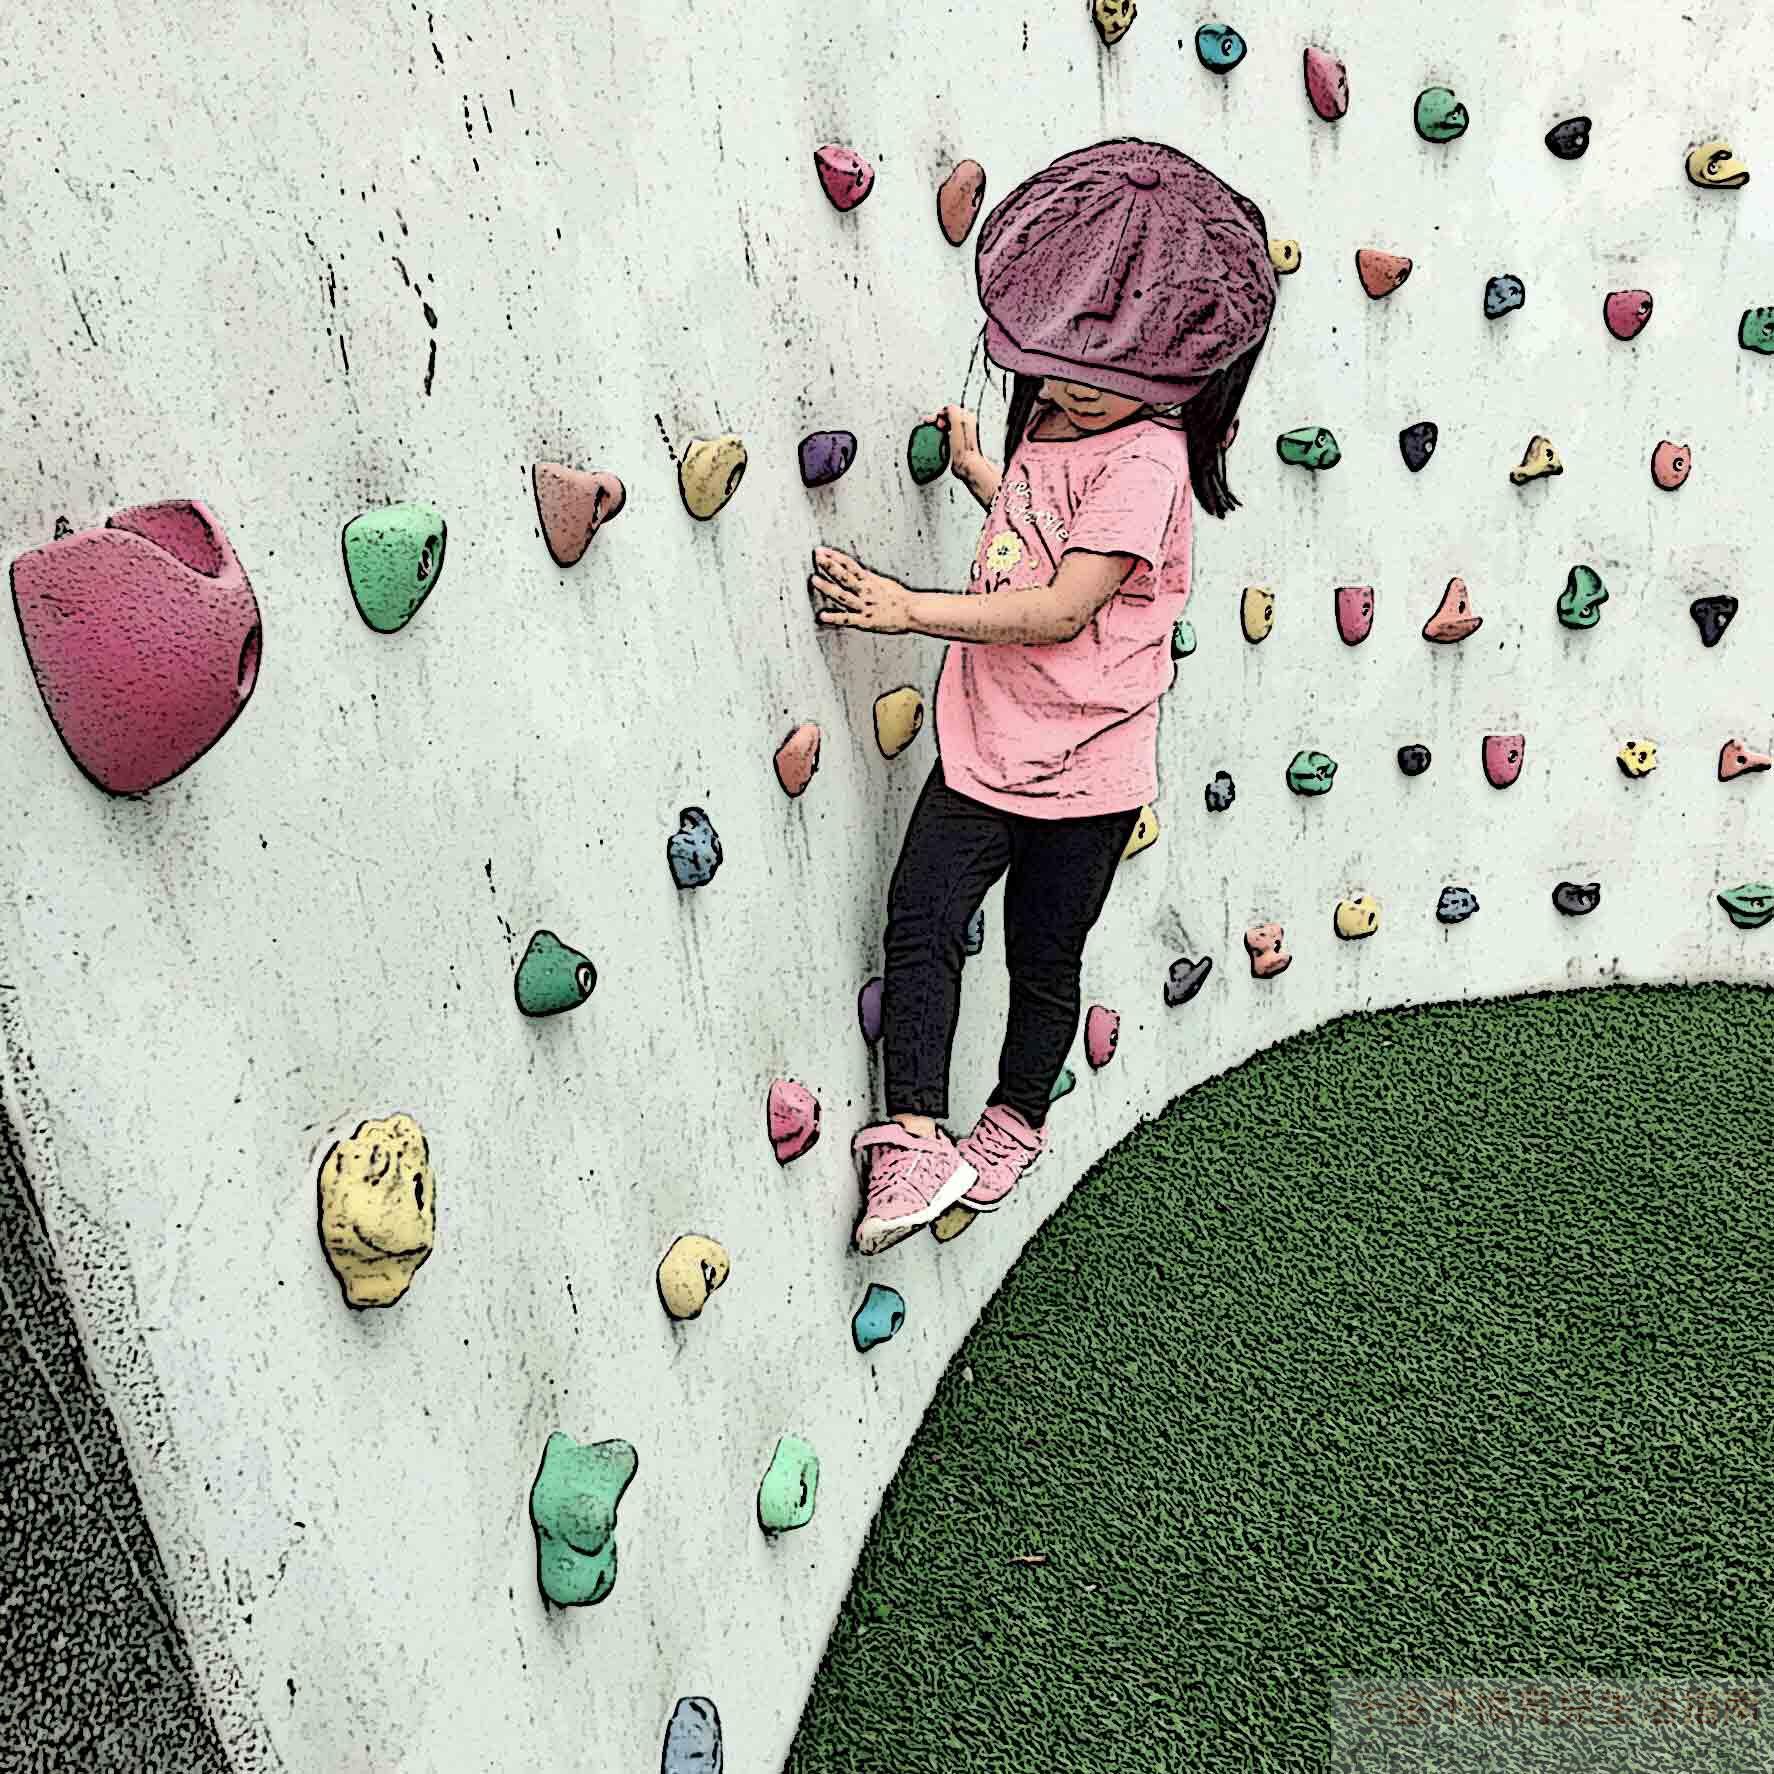 【台北南港親子景點】南港新新公園:戶外攀岩牆、三索吊橋和溜索